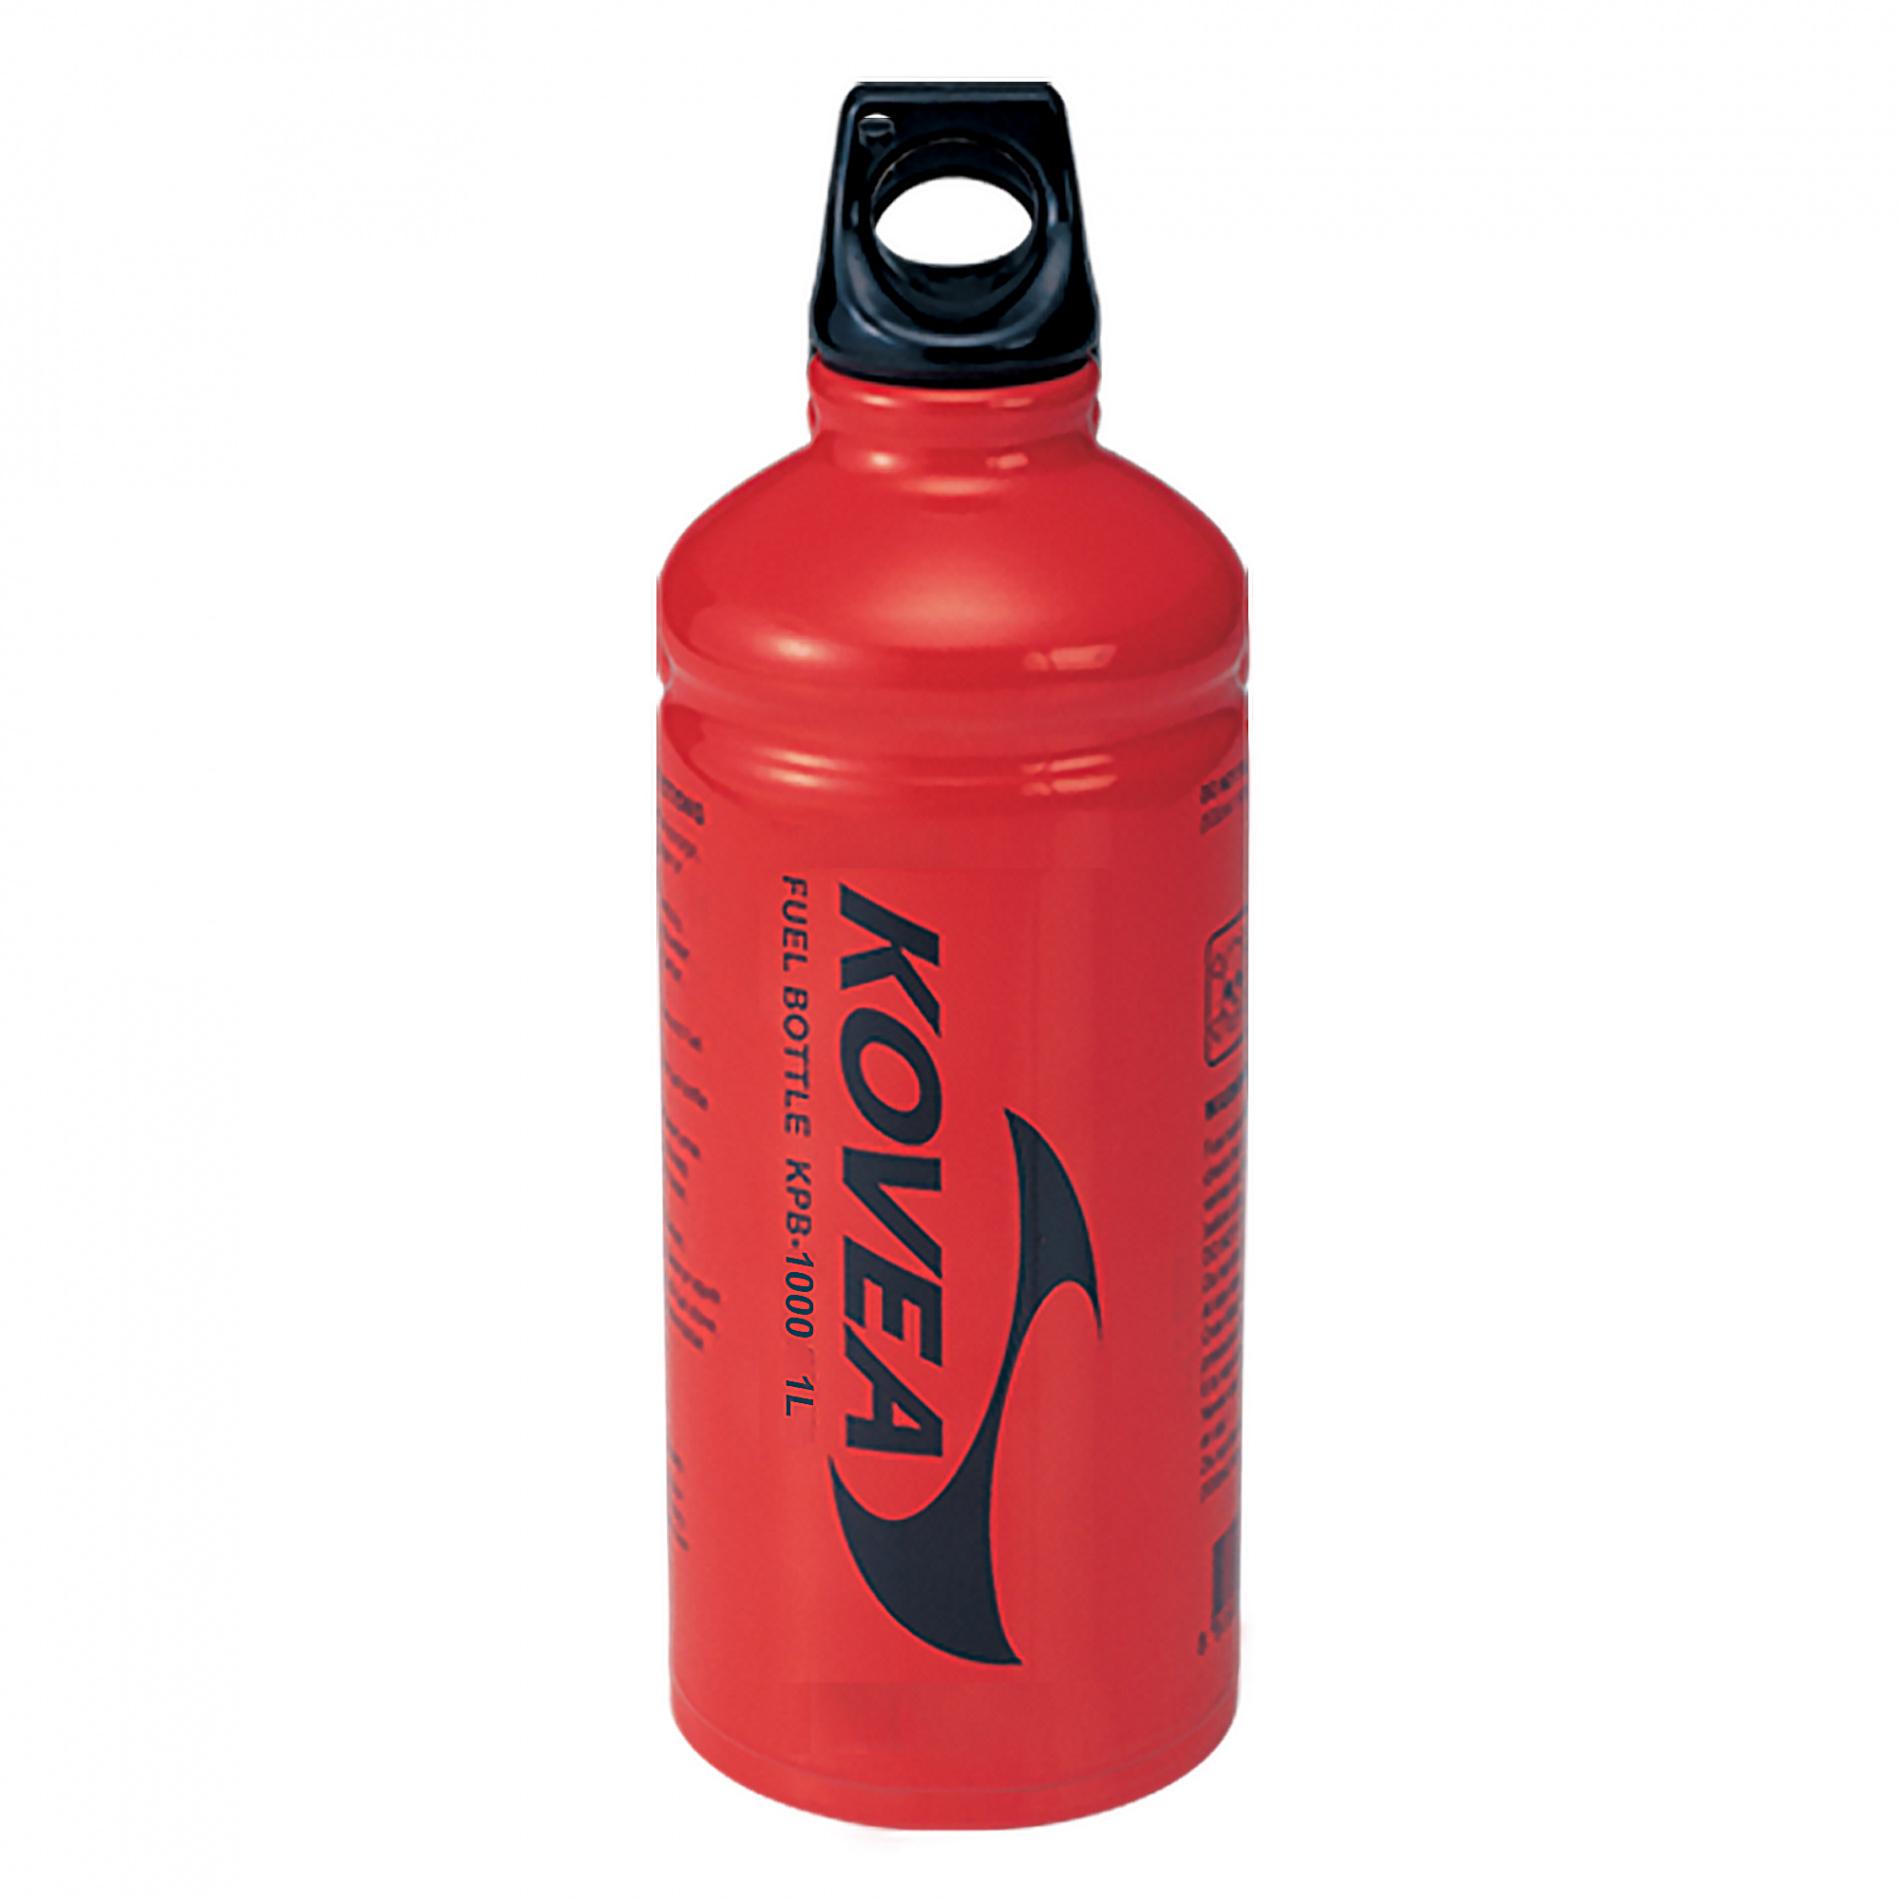 Фляга для топлива Kovea 1лАксессуары<br>Топливная фляга 1 л., для горелок, работающих <br>на бензине – KB-0603, KB-0810, KB-N0810. Используя флягу <br>большего объема, вы будете реже дозаправлять <br>горелку и меньше контактировать с сильно-пахнущим <br>топливом. Модель KPB-1000 Вес 150 г<br>